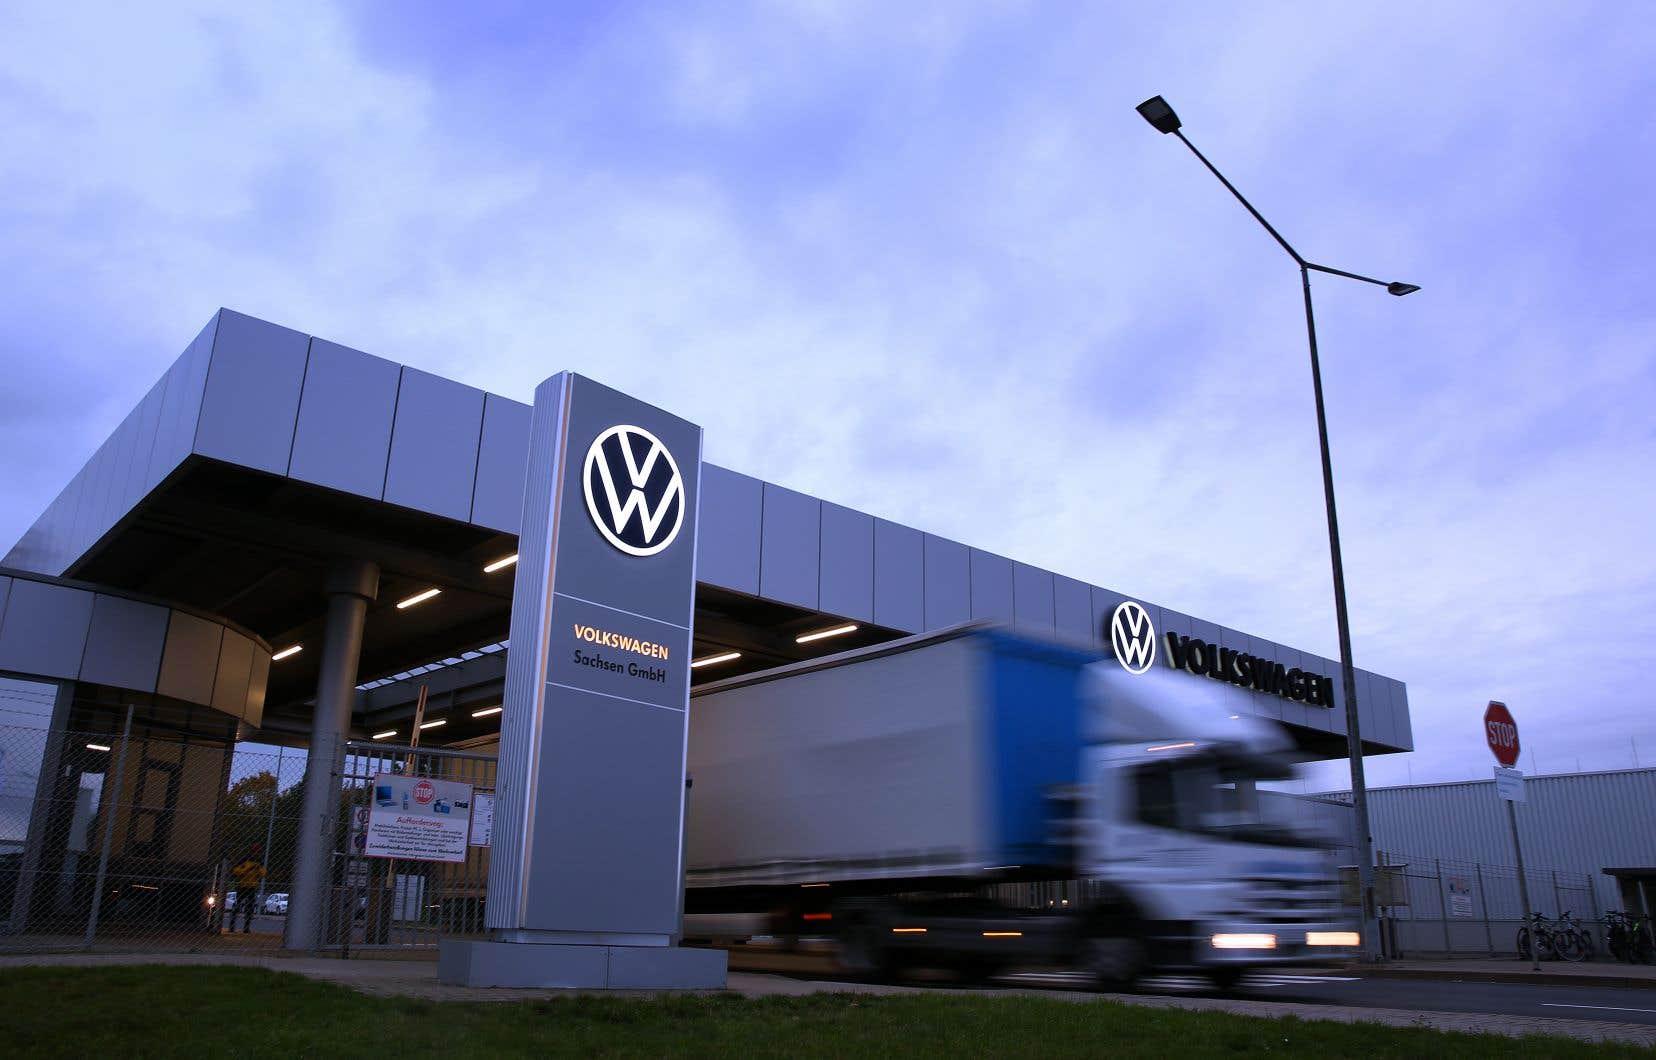 Volkswagen est accusé d'avoir délibérément nui à ses clients en installant à leur insu un logiciel faisant paraître leurs véhicules diesel moins polluants qu'ils ne l'étaient en réalité.